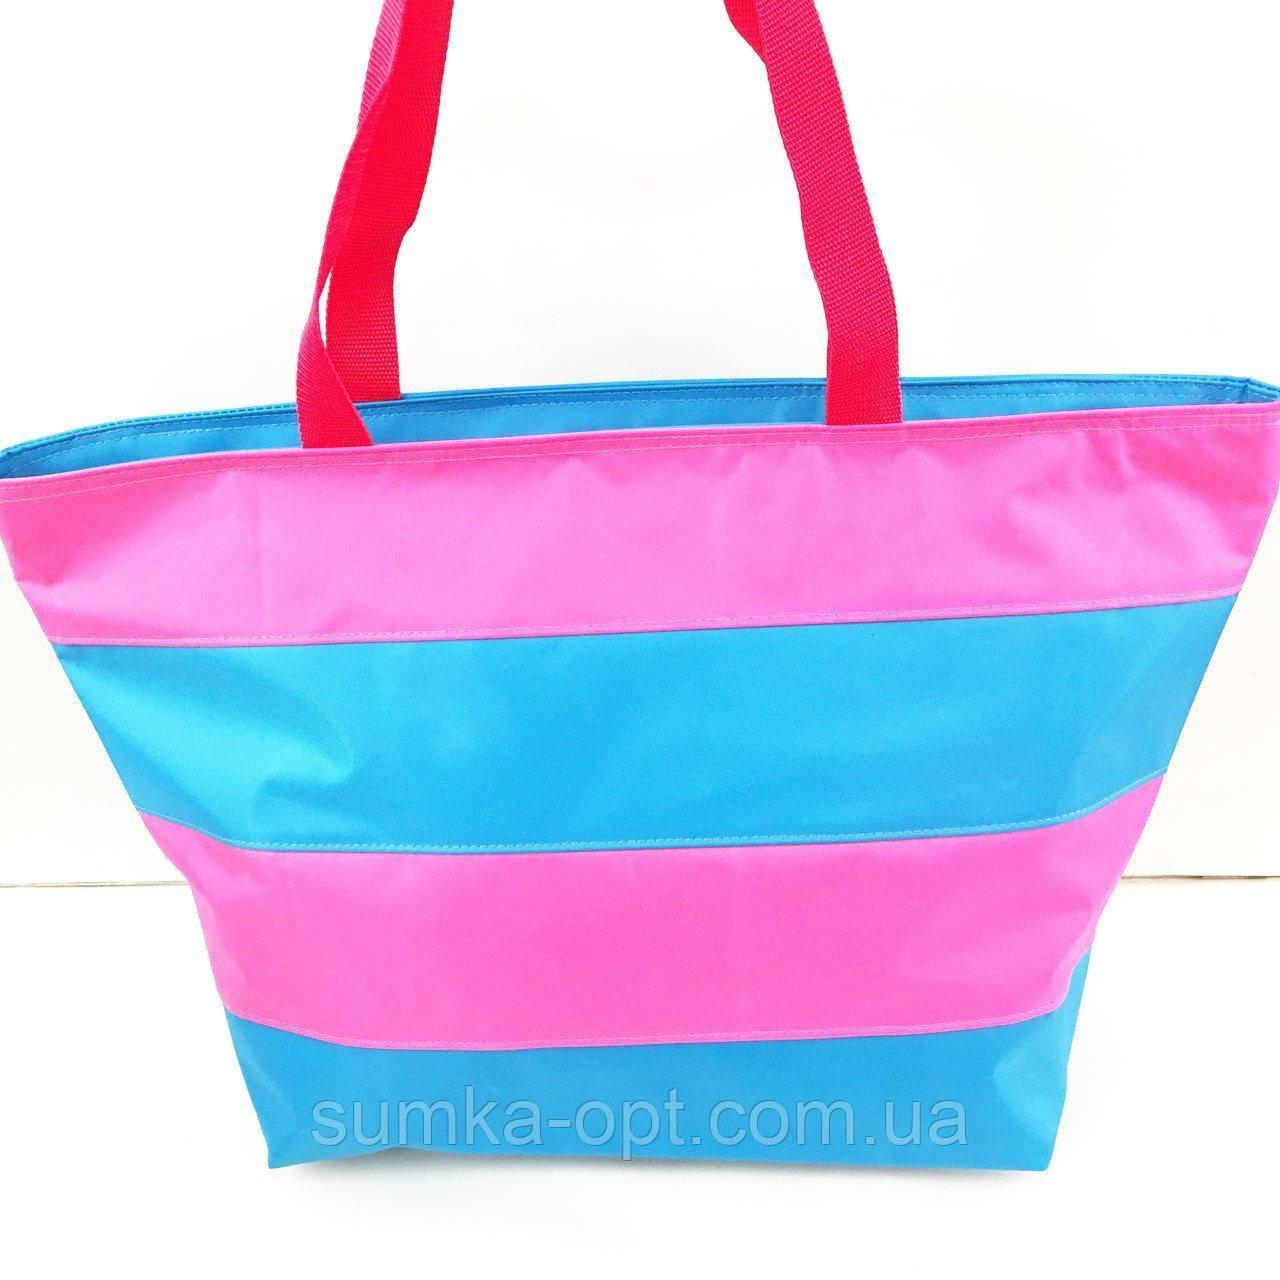 Универсальные сумки оптом для покупок (синий-фуксия)34*55см